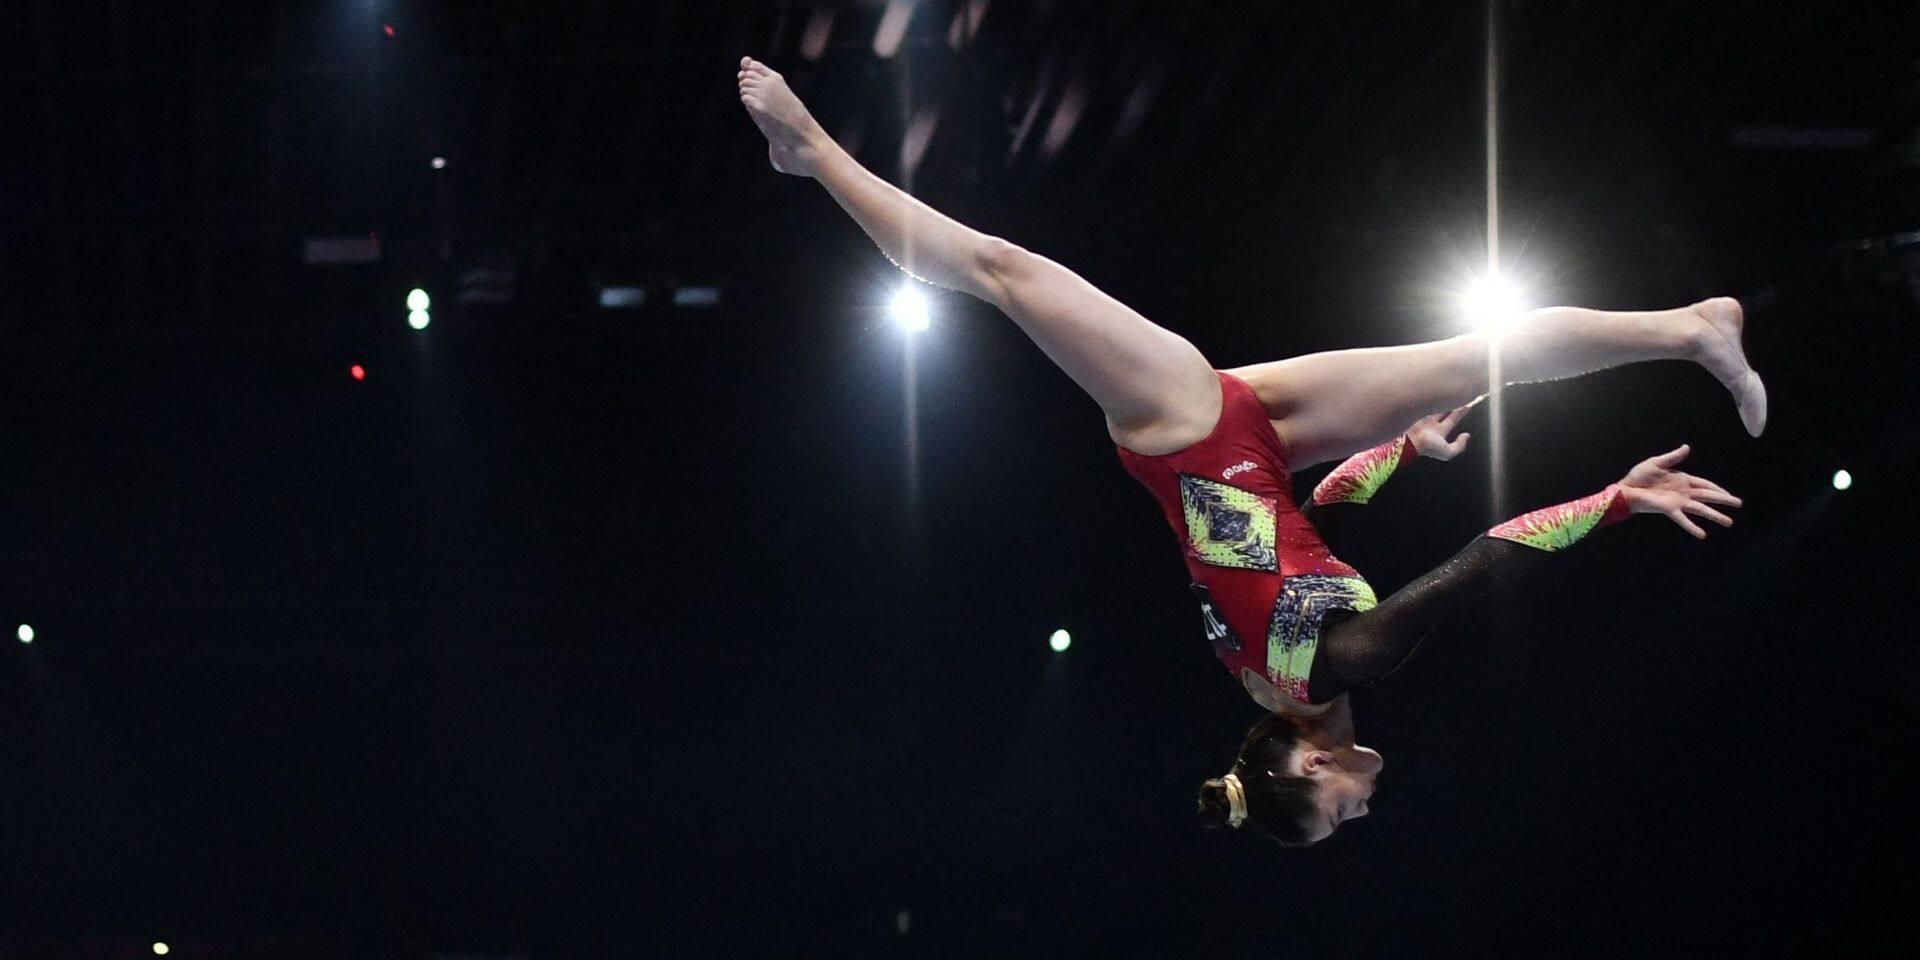 Championnats d'Europe de gymnastique : pas de finale pour les Belges, Fien Enghels 1re réserve aux barres